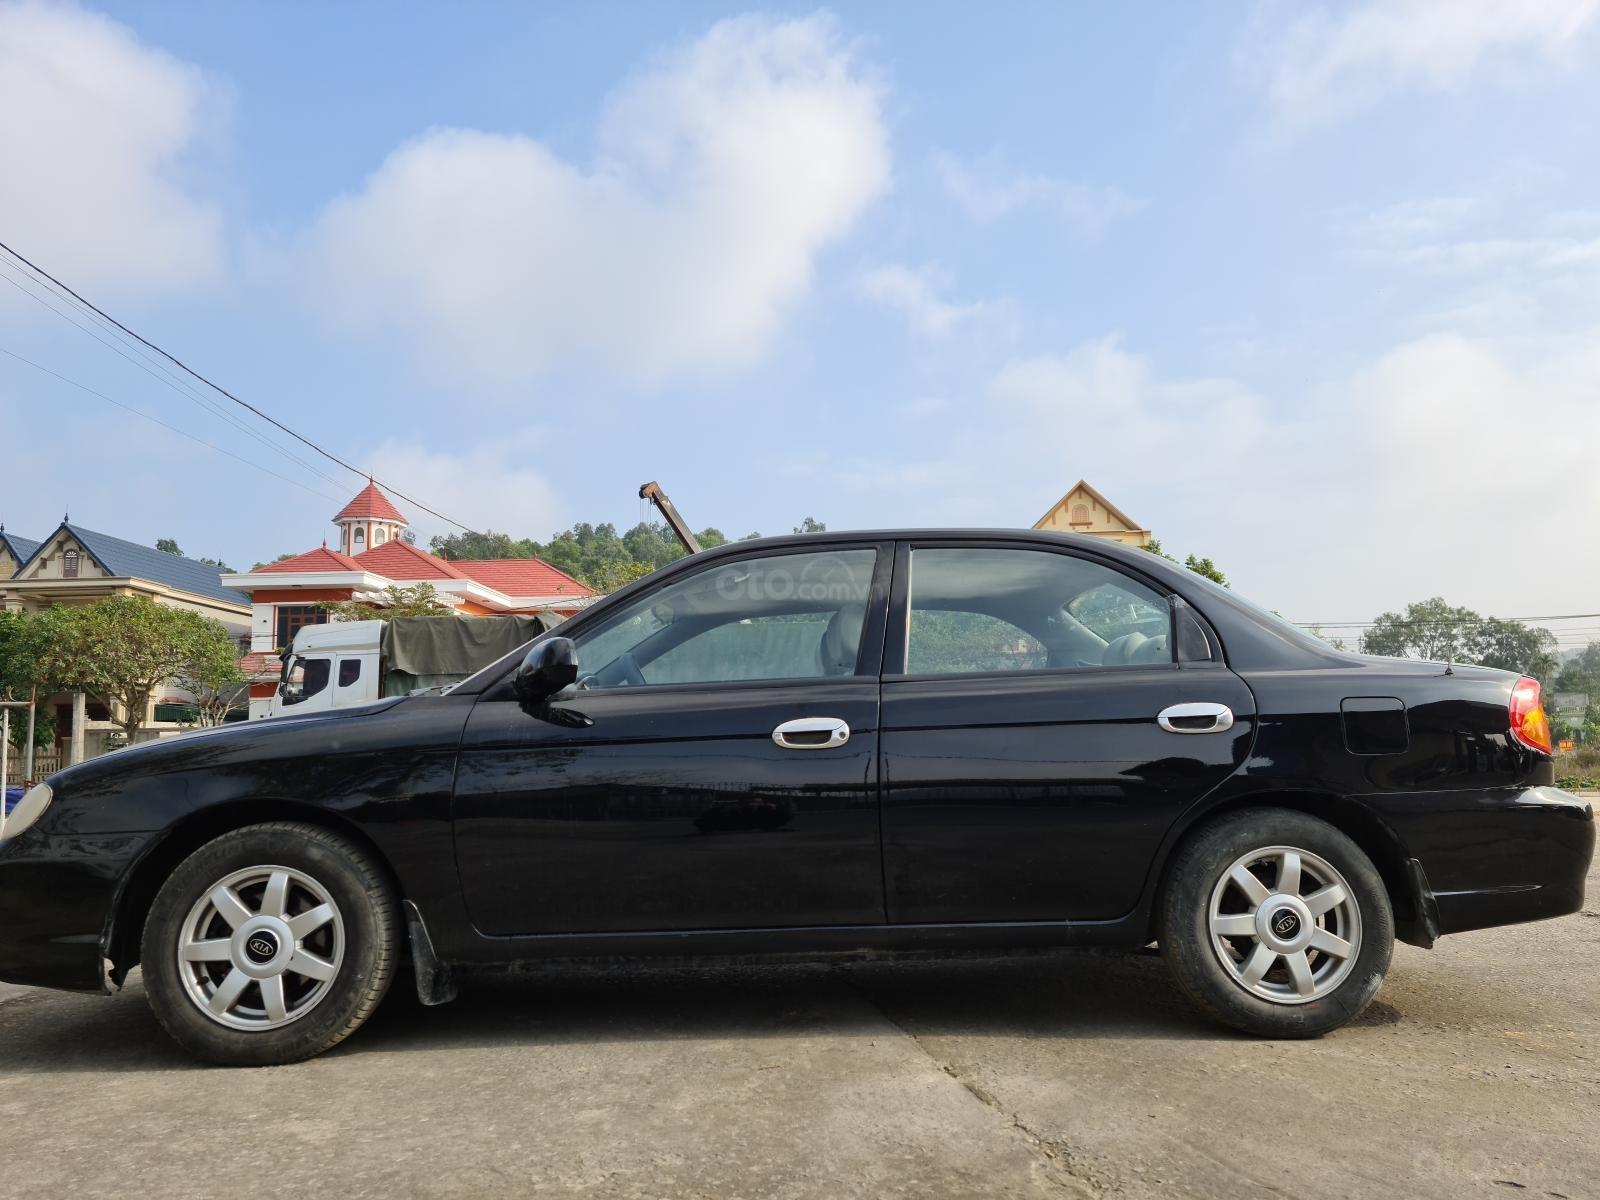 Cần bán lại xe Kia Spectra đăng ký 2004 còn mới giá chỉ 105 triệu đồng (1)